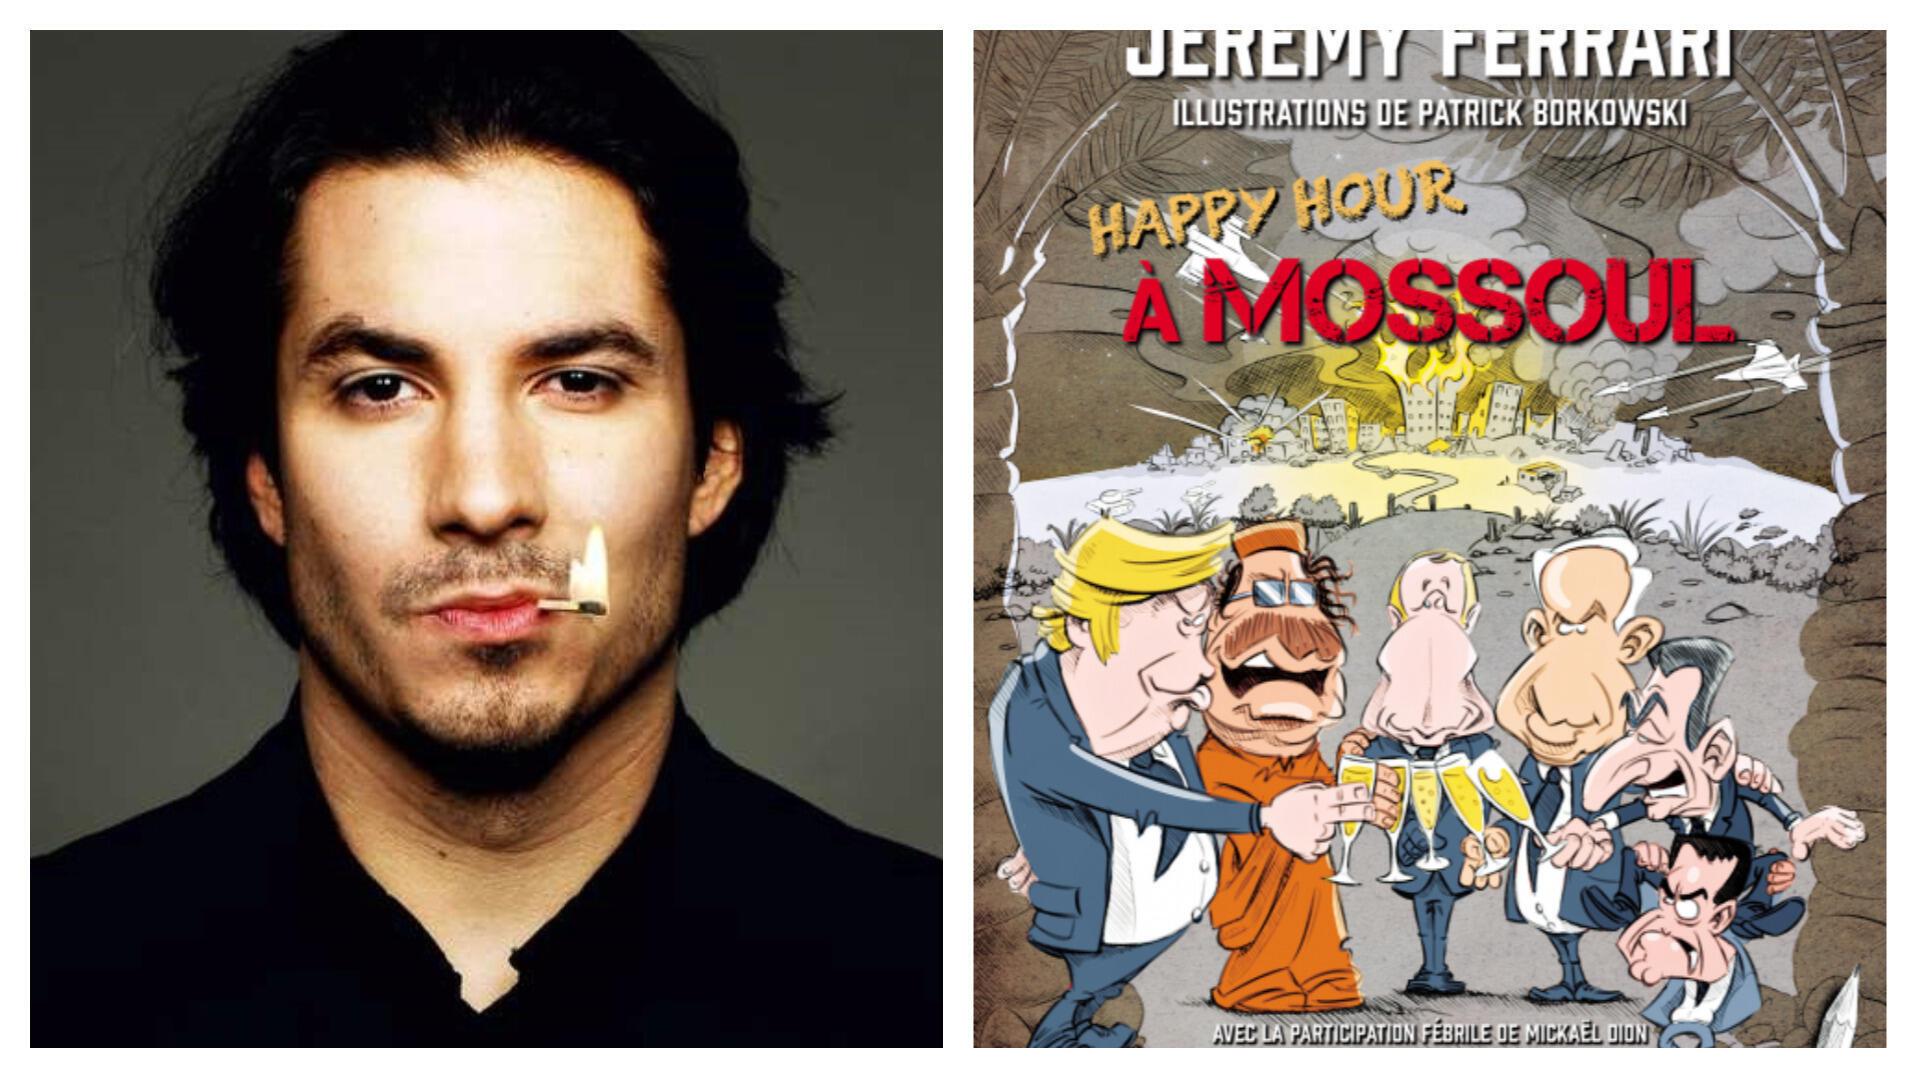 A gauche, le portrait de l'humoriste Jeremy Ferrari ; à droite, couverture de son nouveau livre.